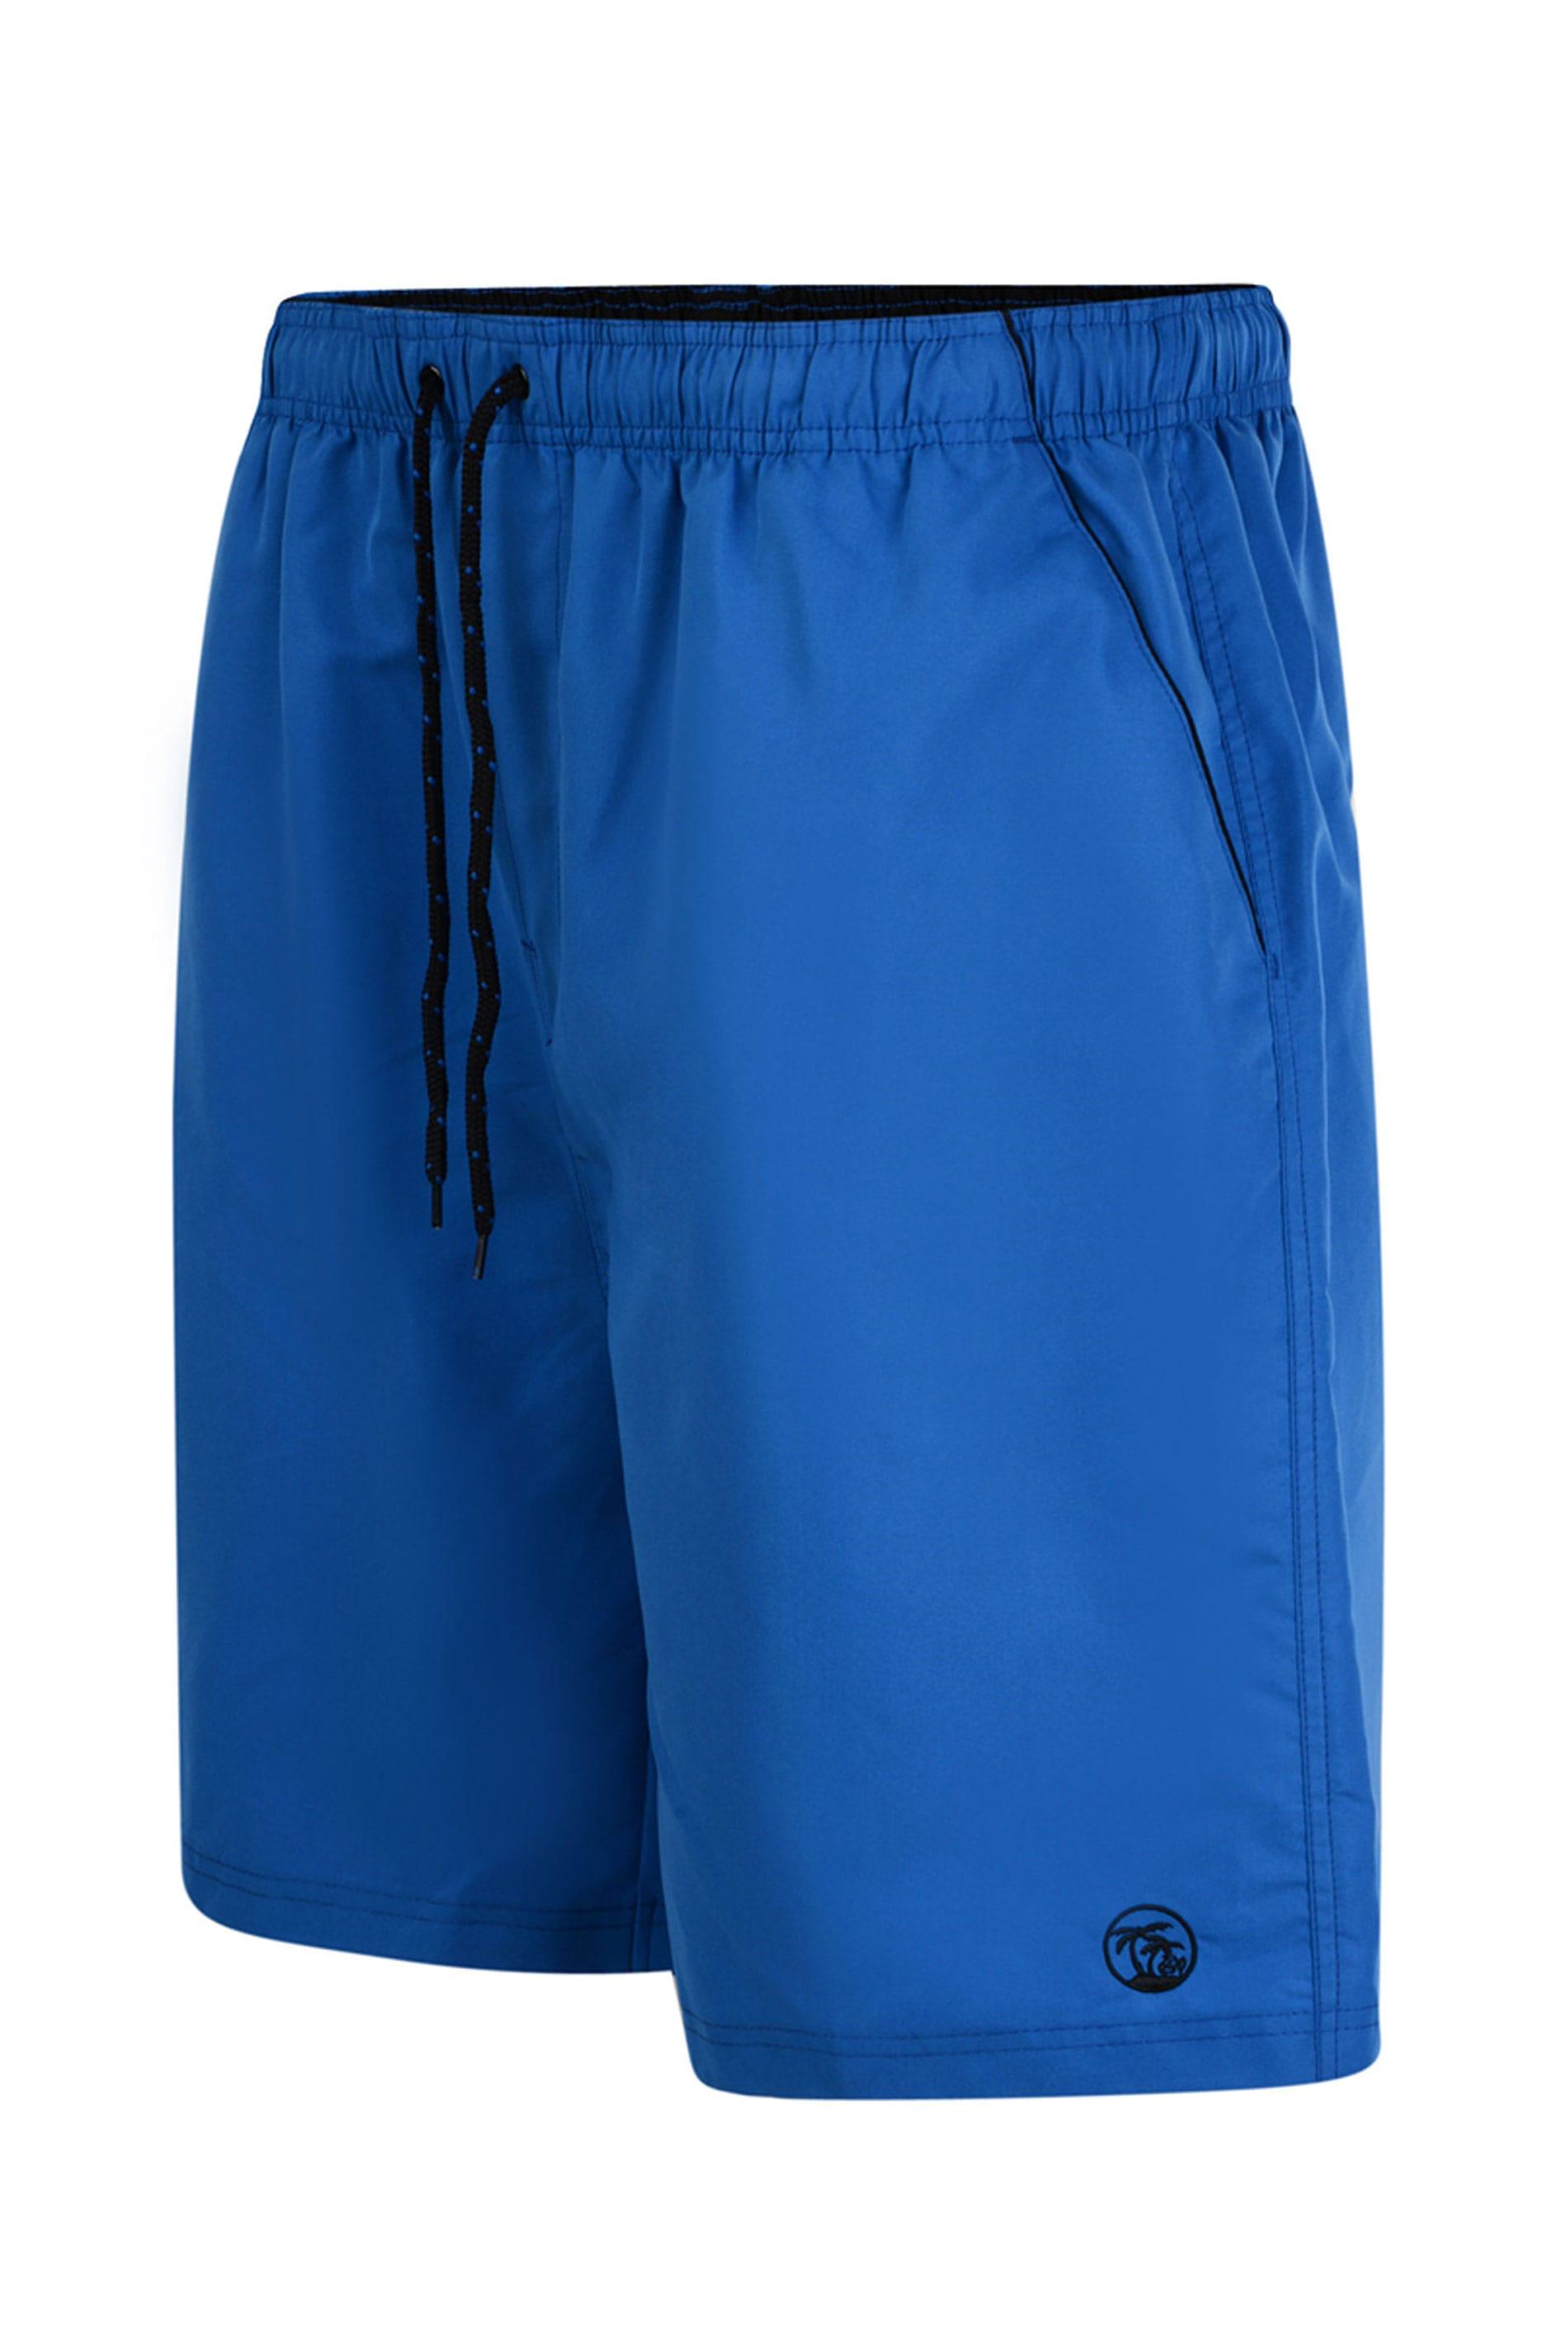 ESPIONAGE Blue Swim Shorts